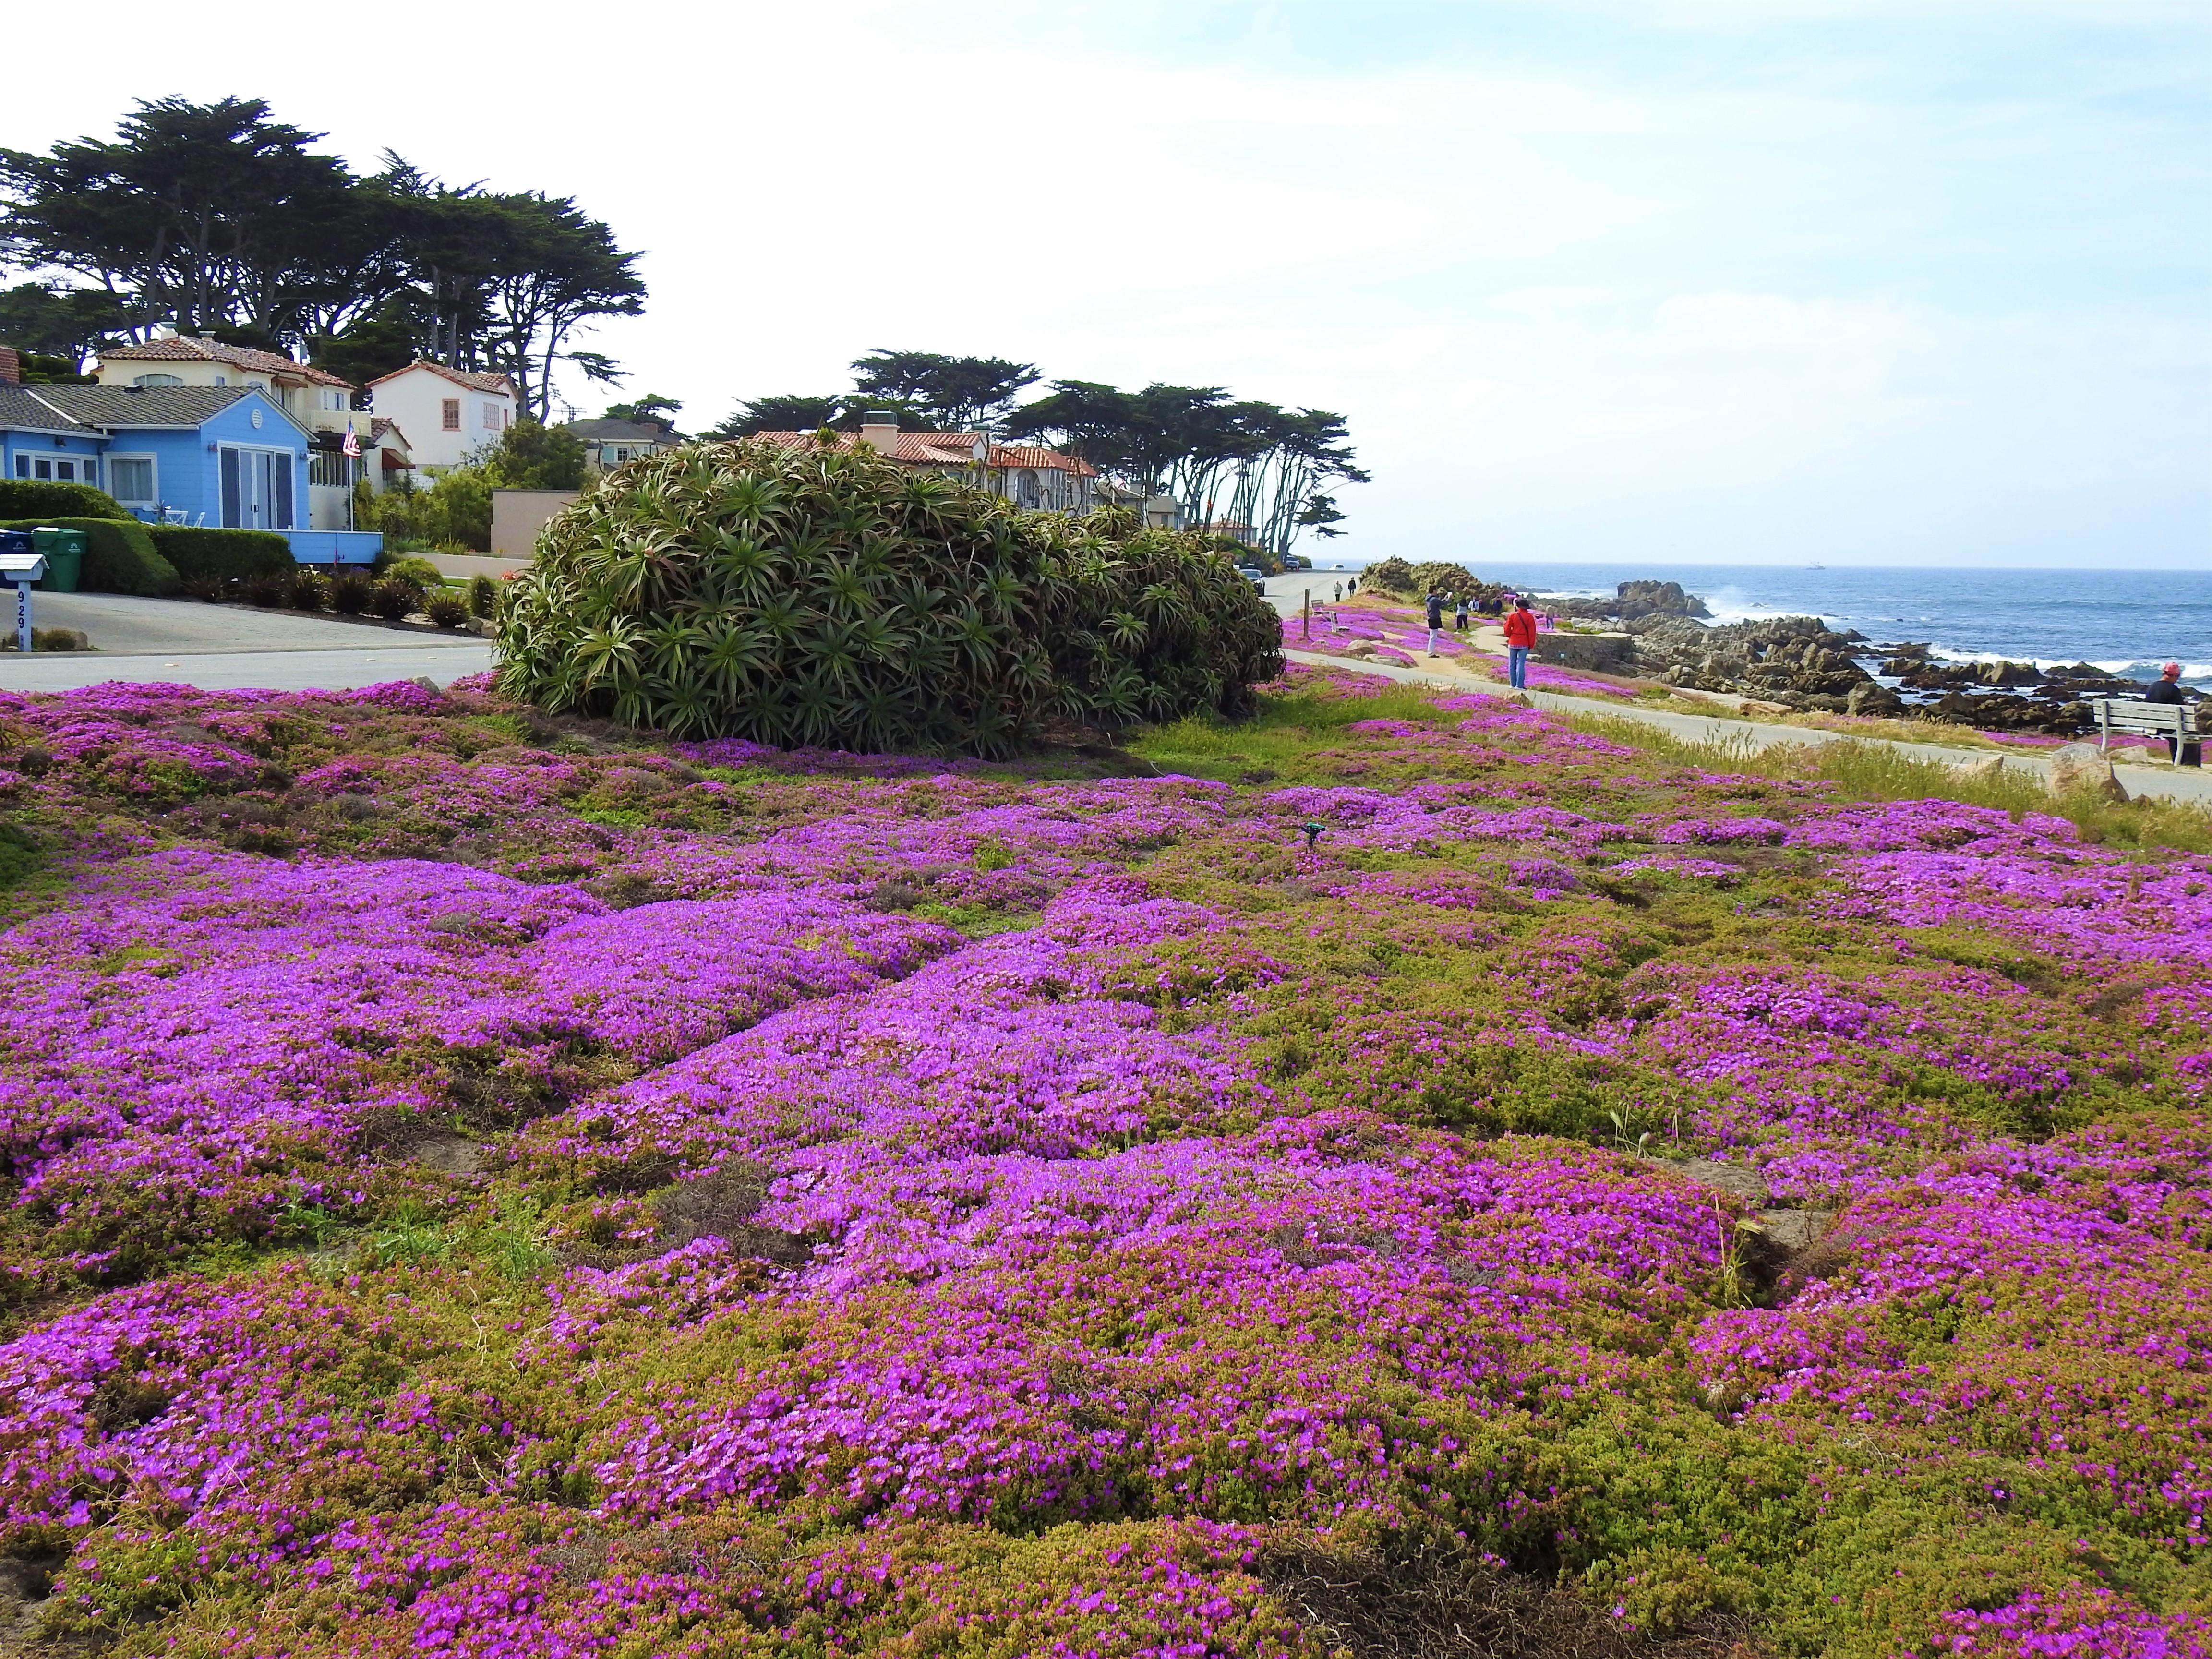 舊金山生態慢活之旅- 野花季 4月1日至 4月8日